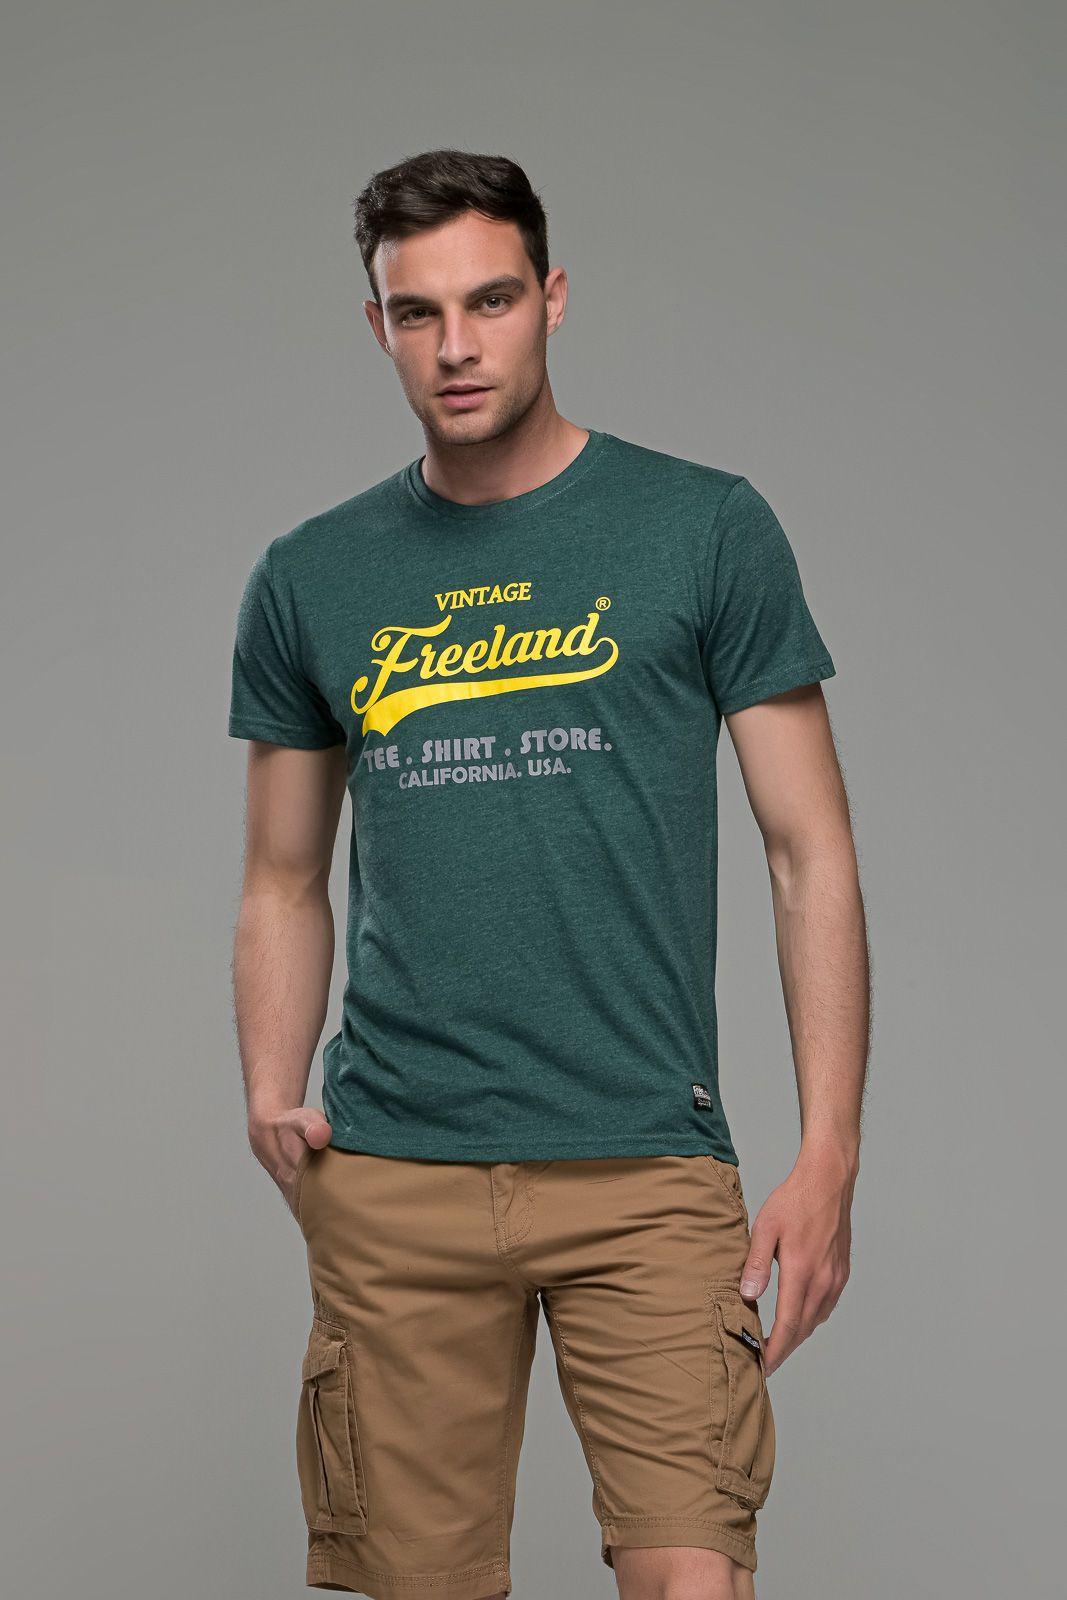 φθηνό casual πράσινο ανδρικό κοντομάνικο T-SHIRT με Στάμπα καλοκαιρινό μπλουζάκι